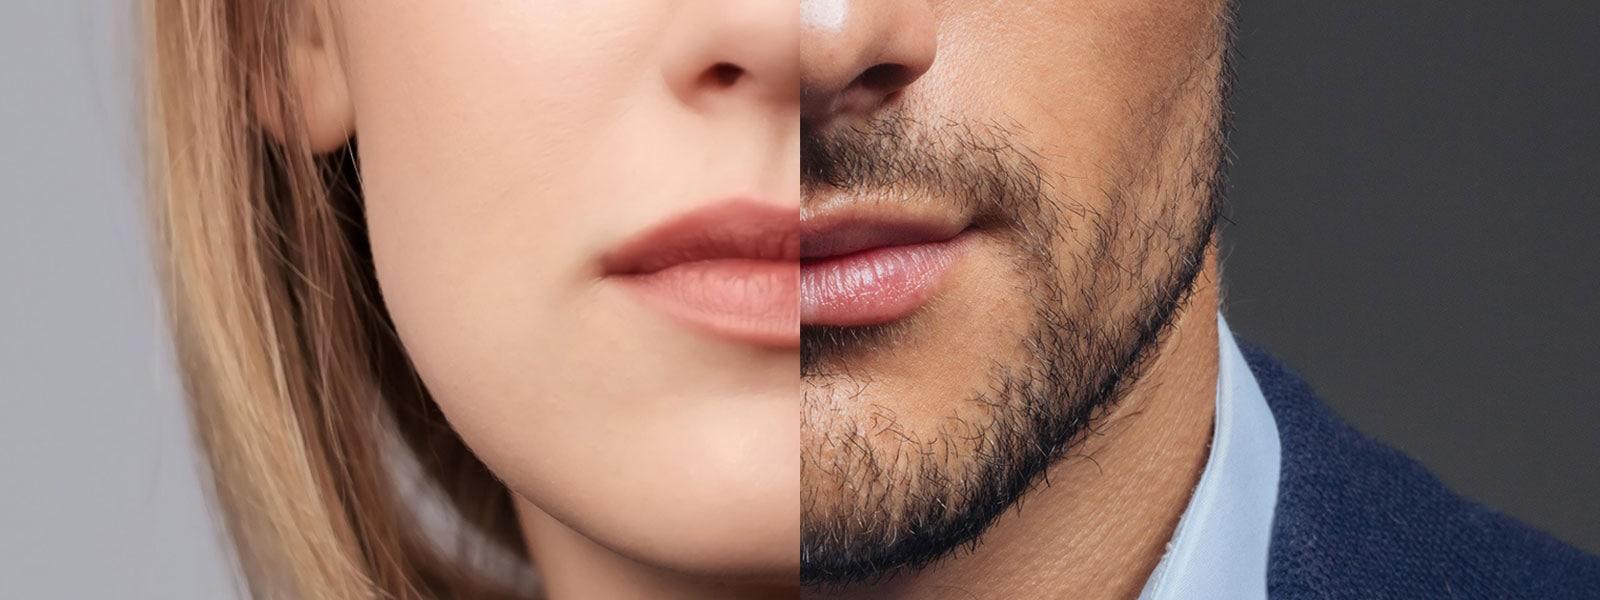 Comparatif homme femme tiers inférieur du visage